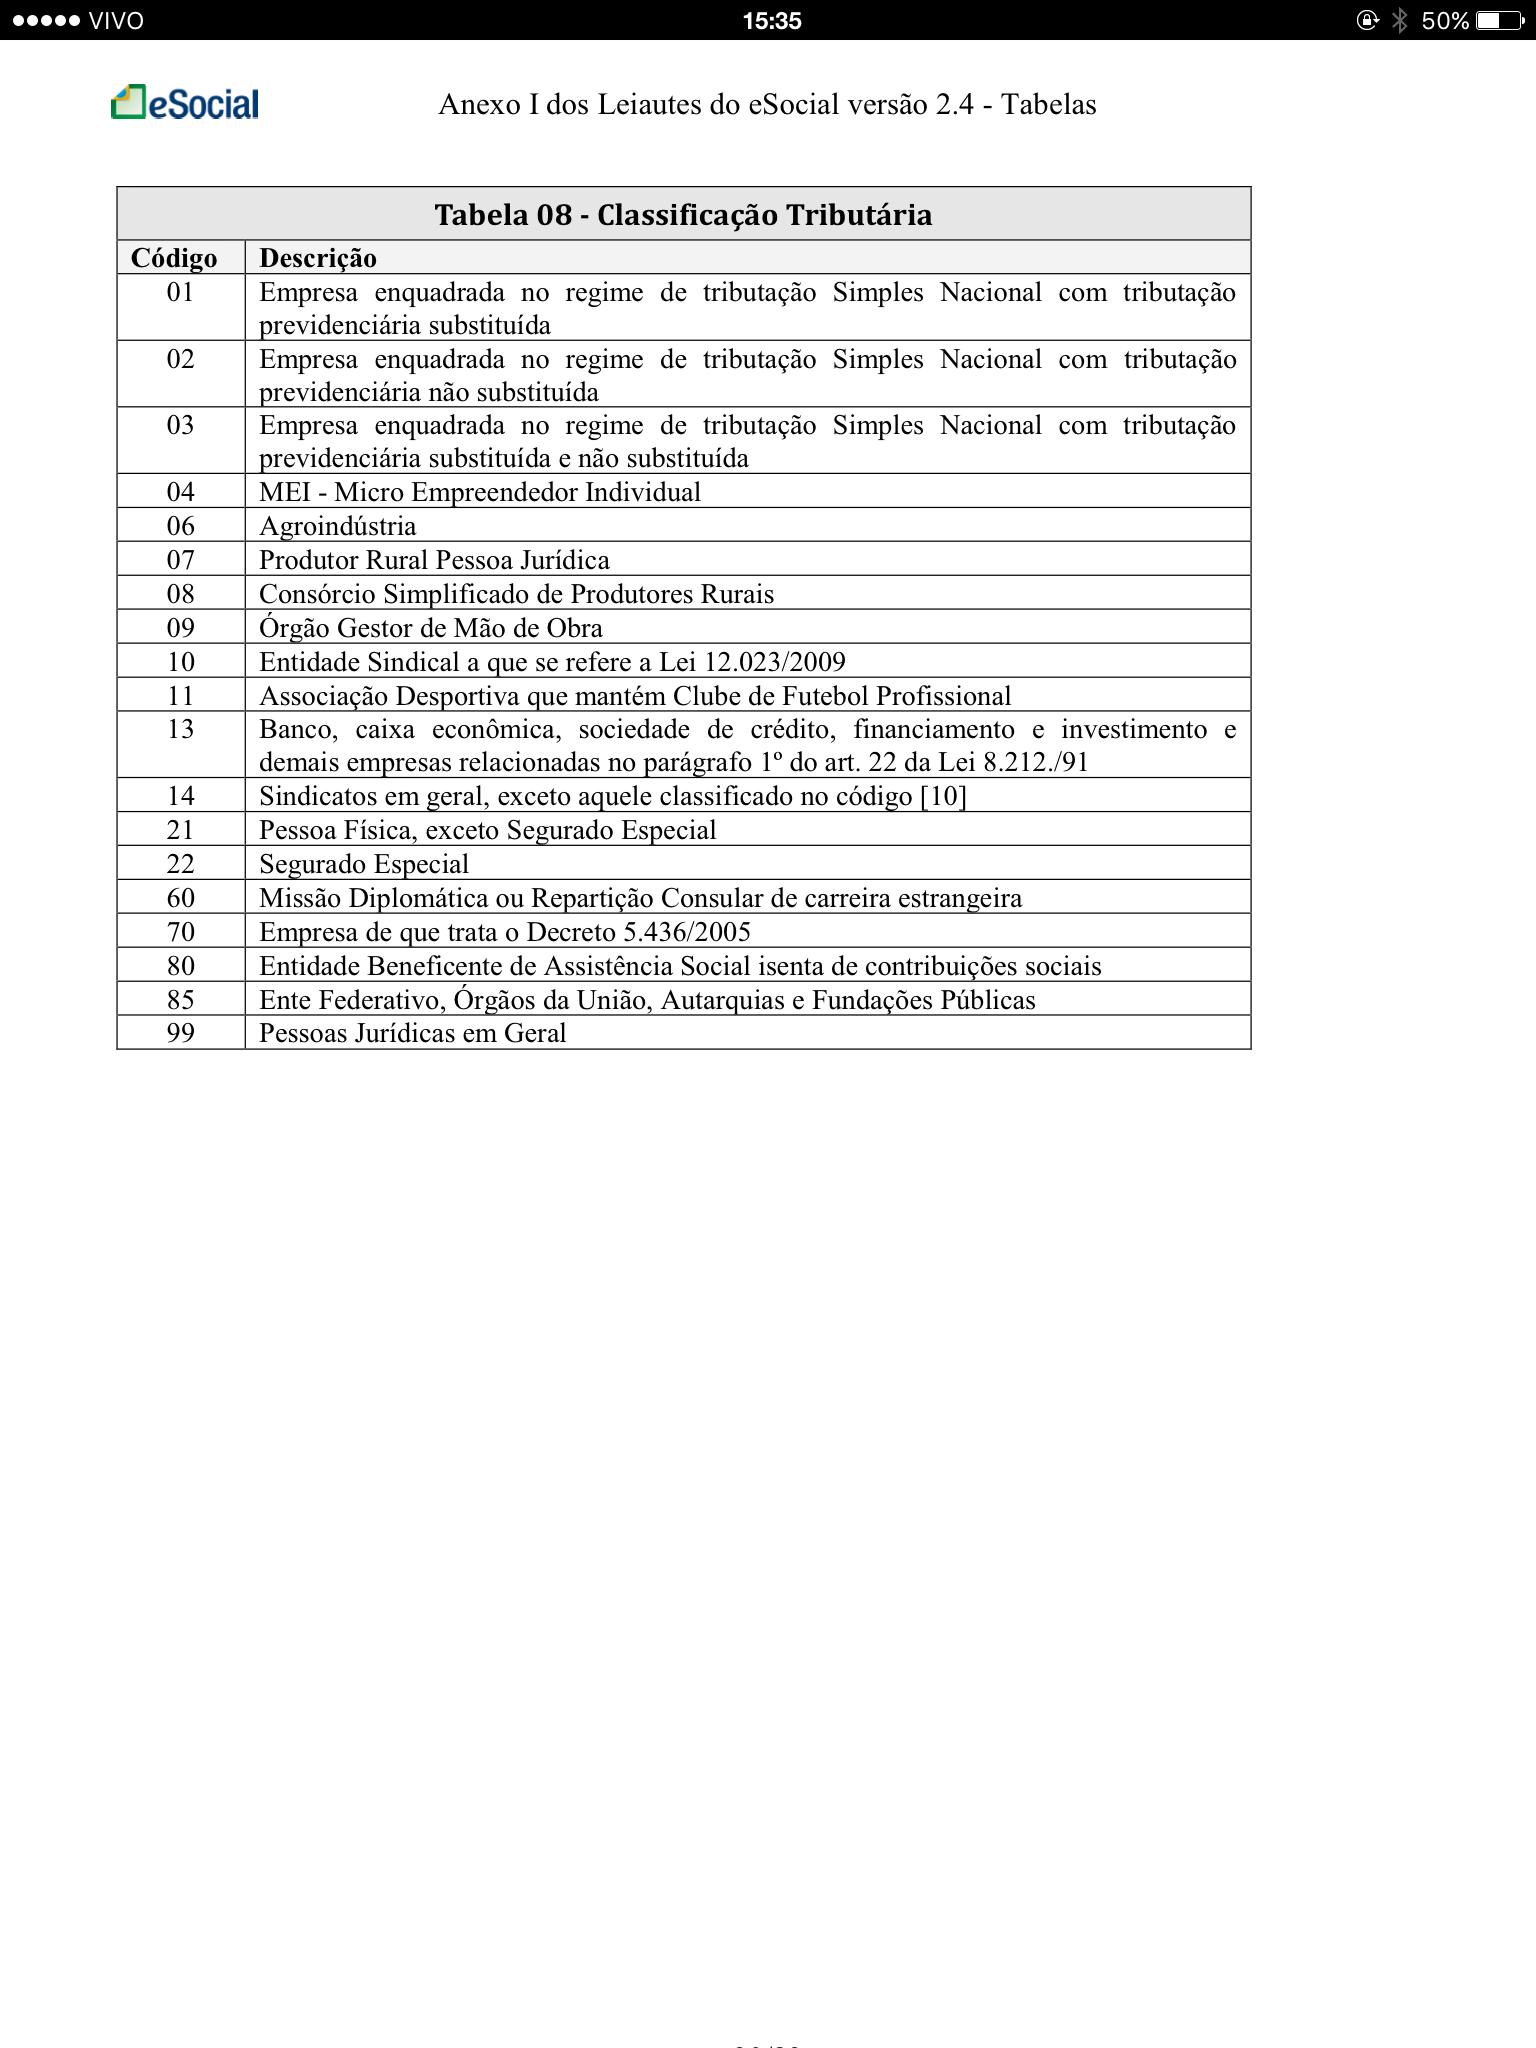 Tabela 8 - Classificação Tributária